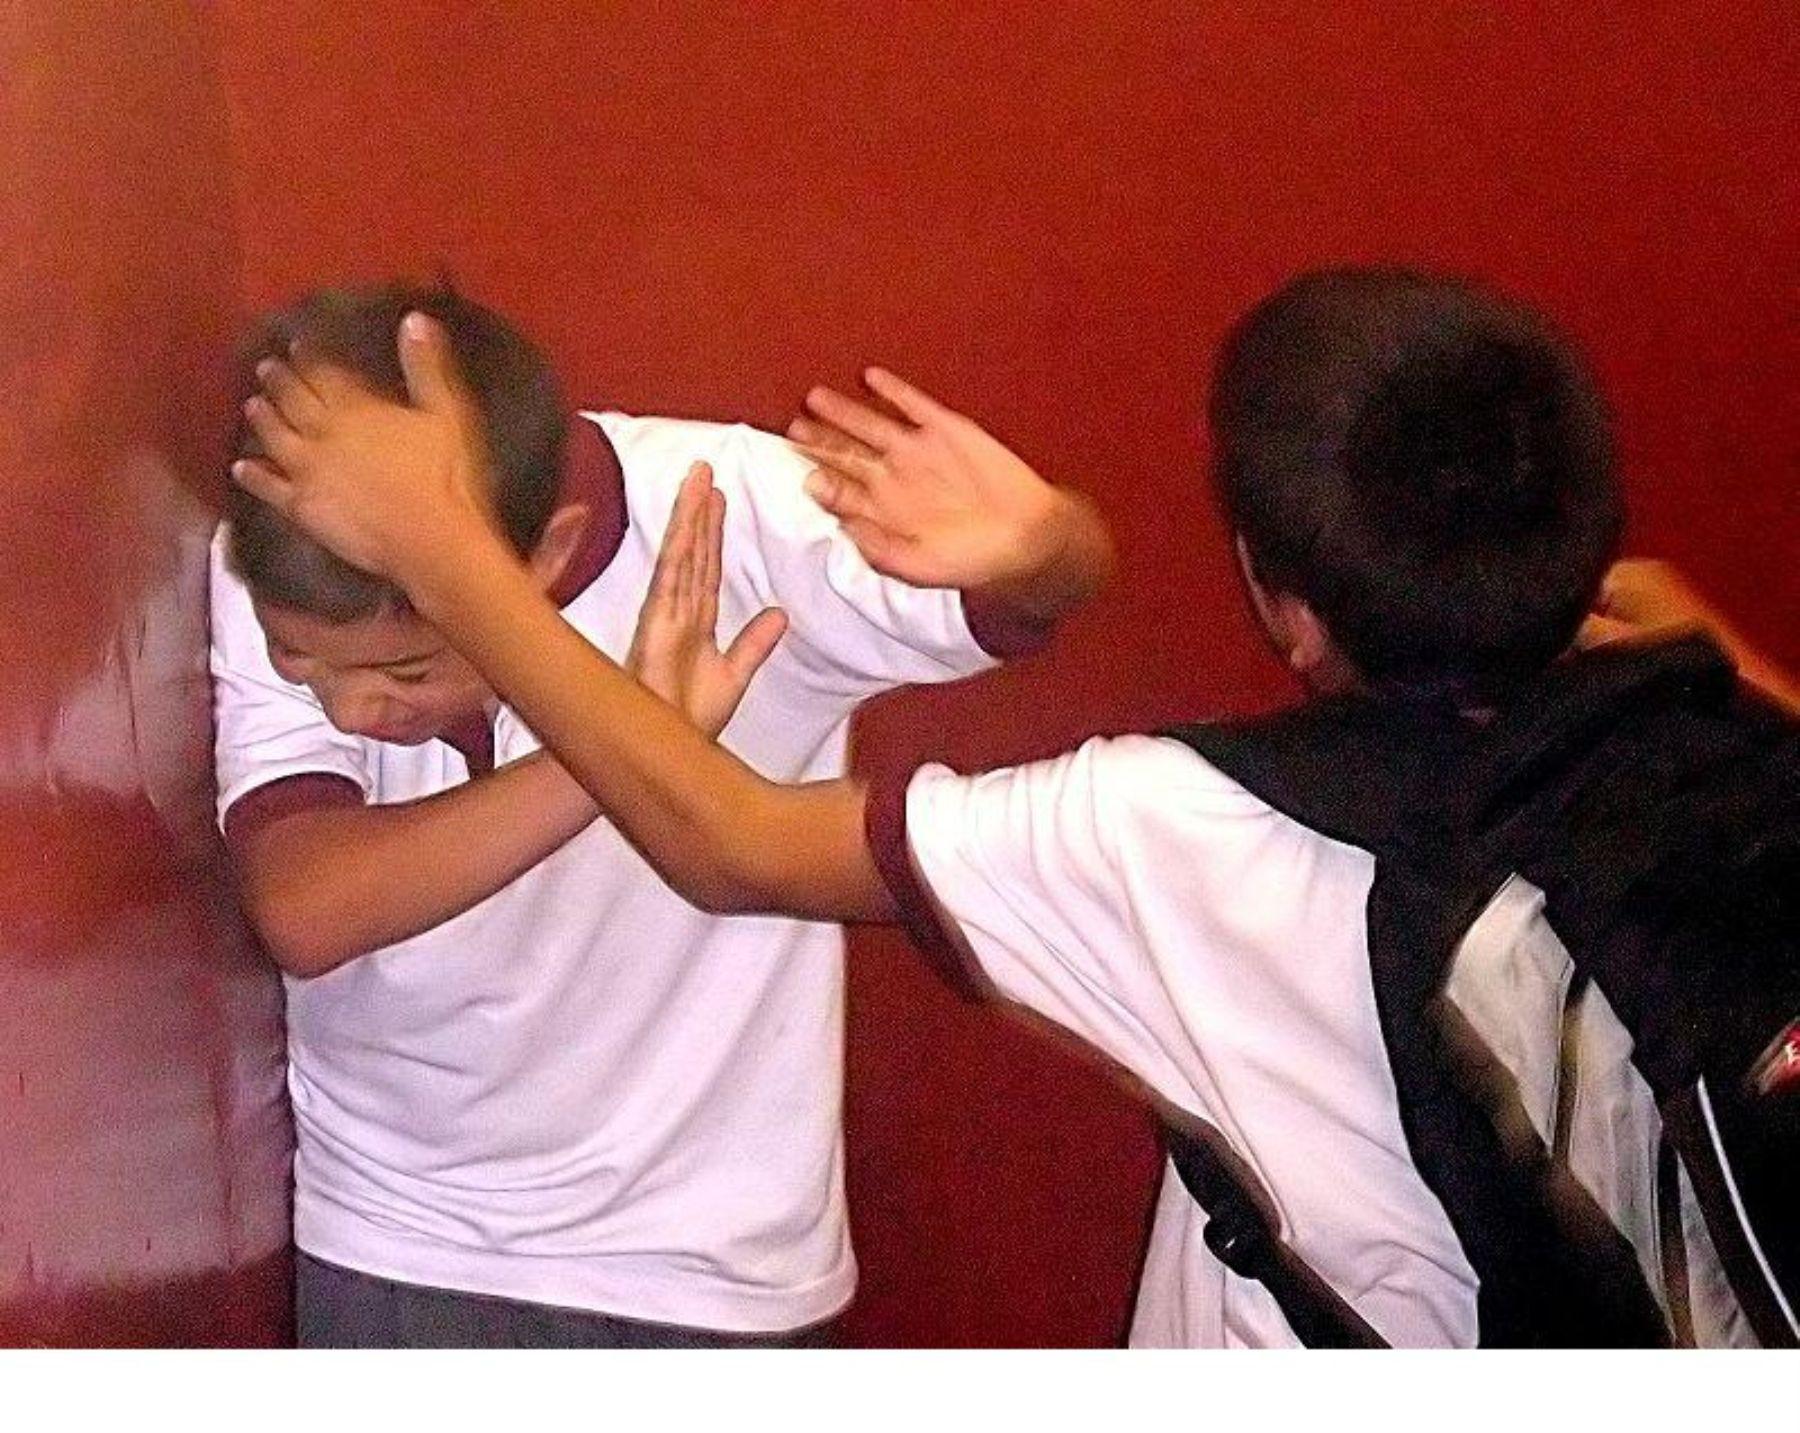 Casos de bullying pueden reportarse en plataforma Siseve. Foto: INTERNET/Medios